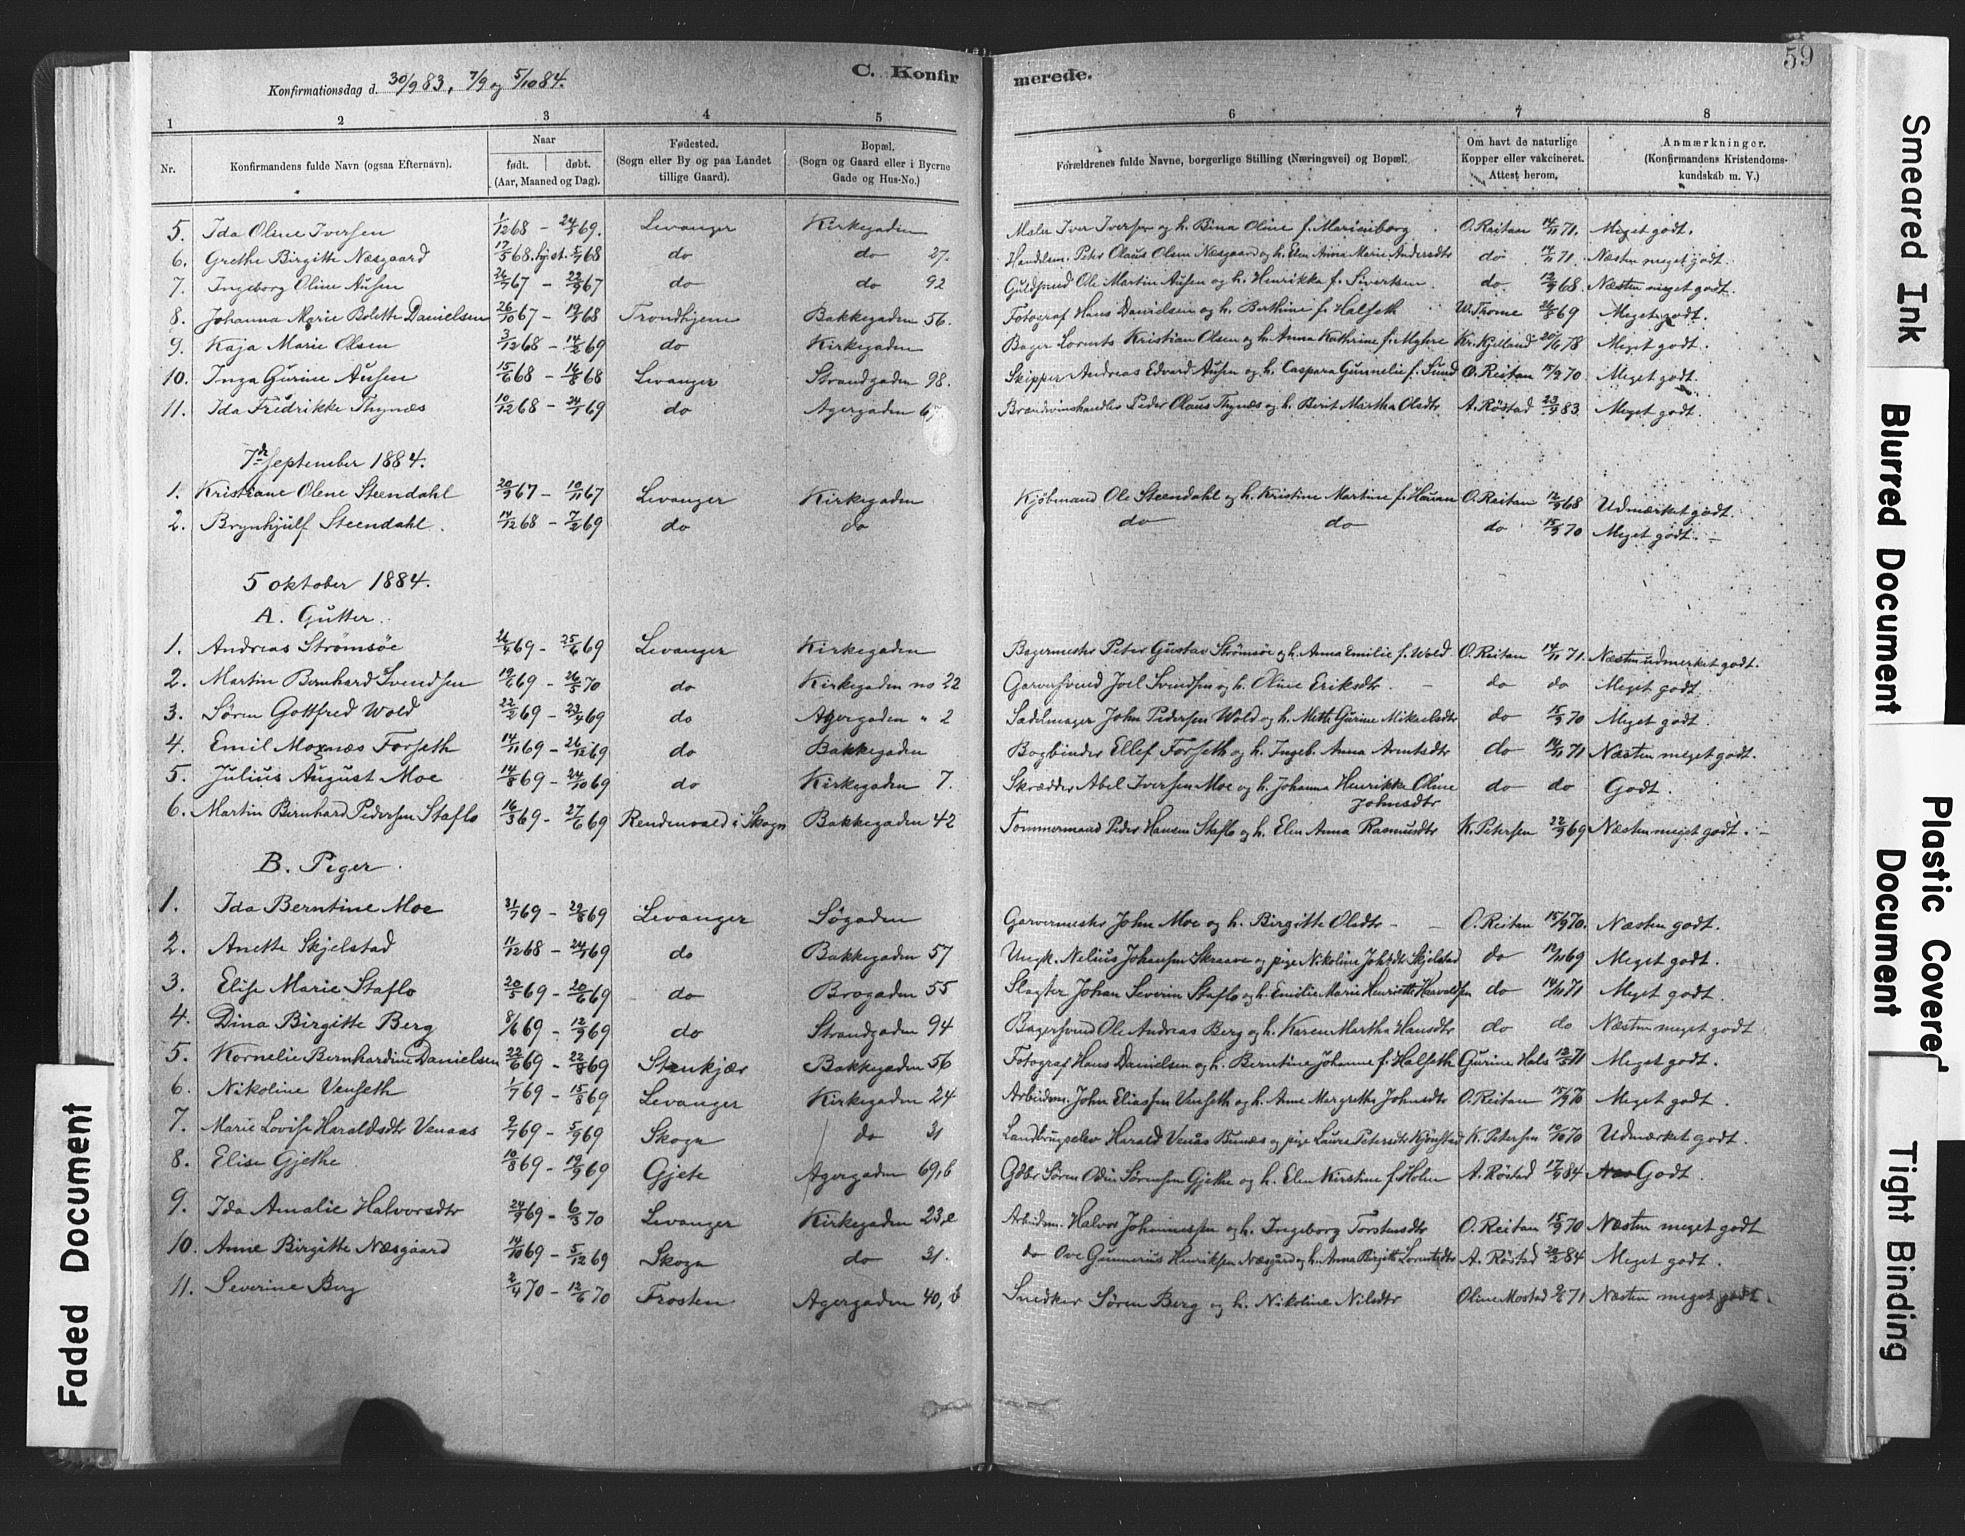 SAT, Ministerialprotokoller, klokkerbøker og fødselsregistre - Nord-Trøndelag, 720/L0189: Ministerialbok nr. 720A05, 1880-1911, s. 59